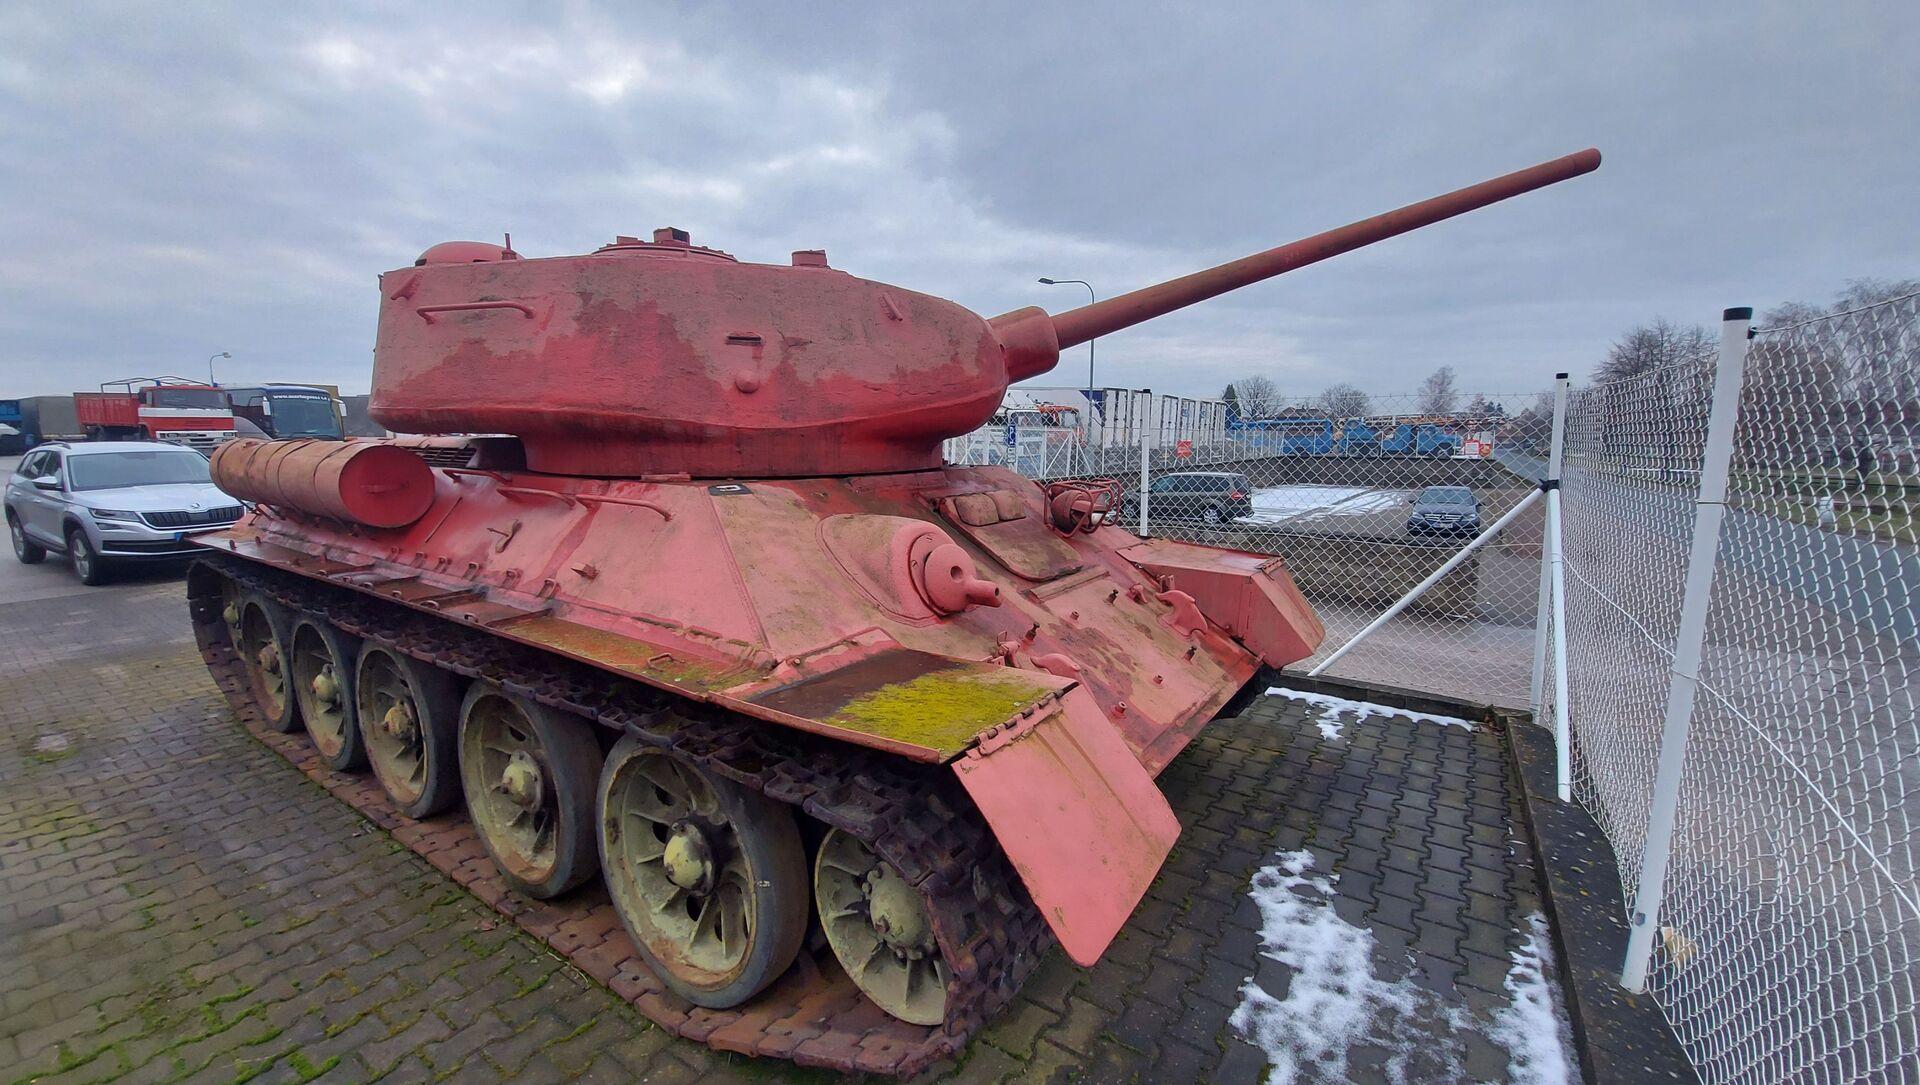 Житель Чехии хранил дома розовый танк и артиллерийскую установку - Sputnik Беларусь, 1920, 07.04.2021